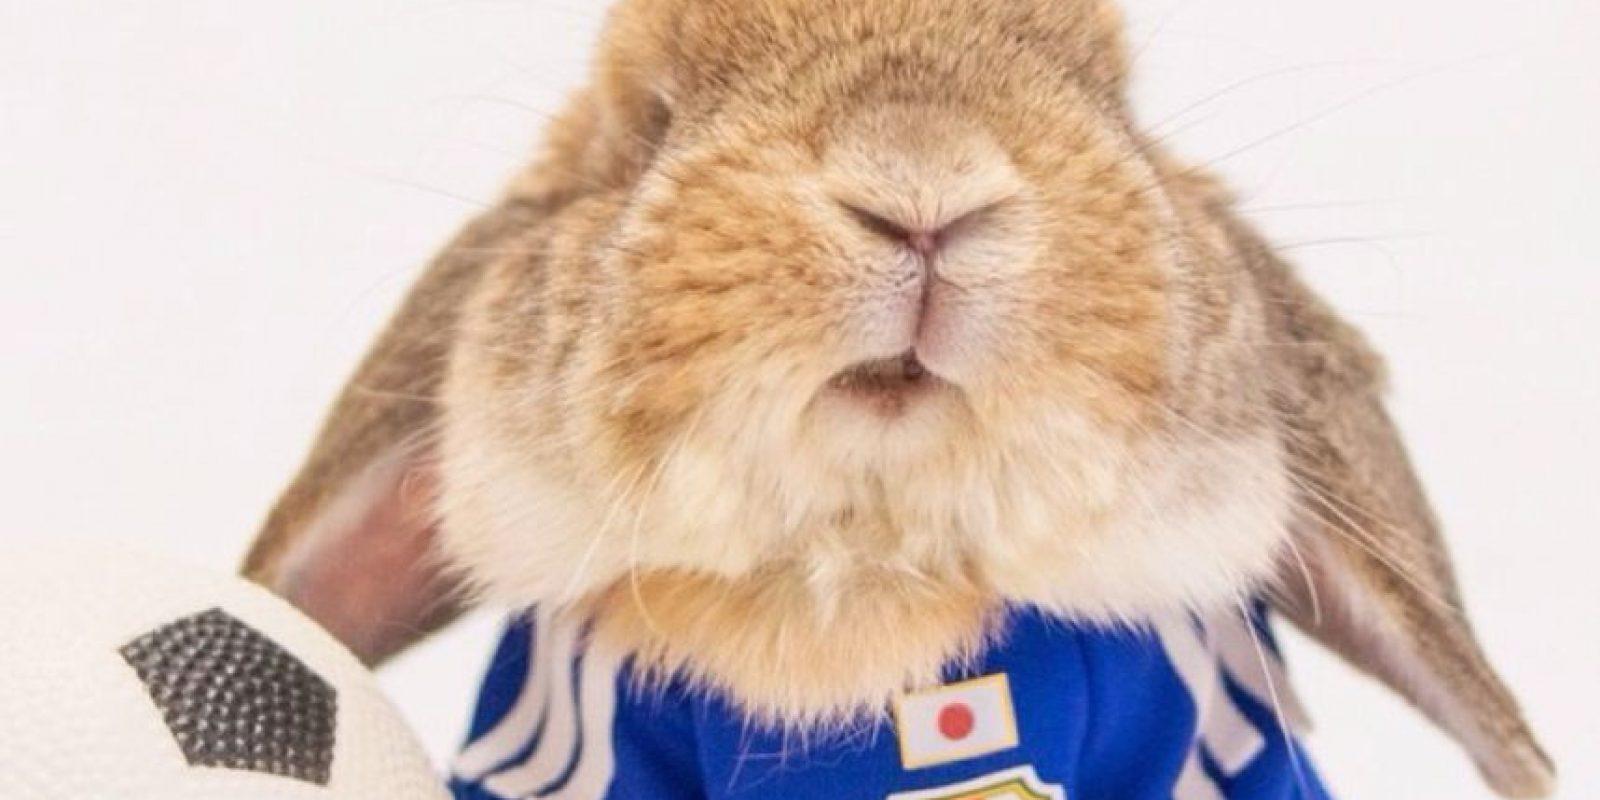 El conejo tiene 44 millones de seguidores en Instagram. Foto:Fuente Externa